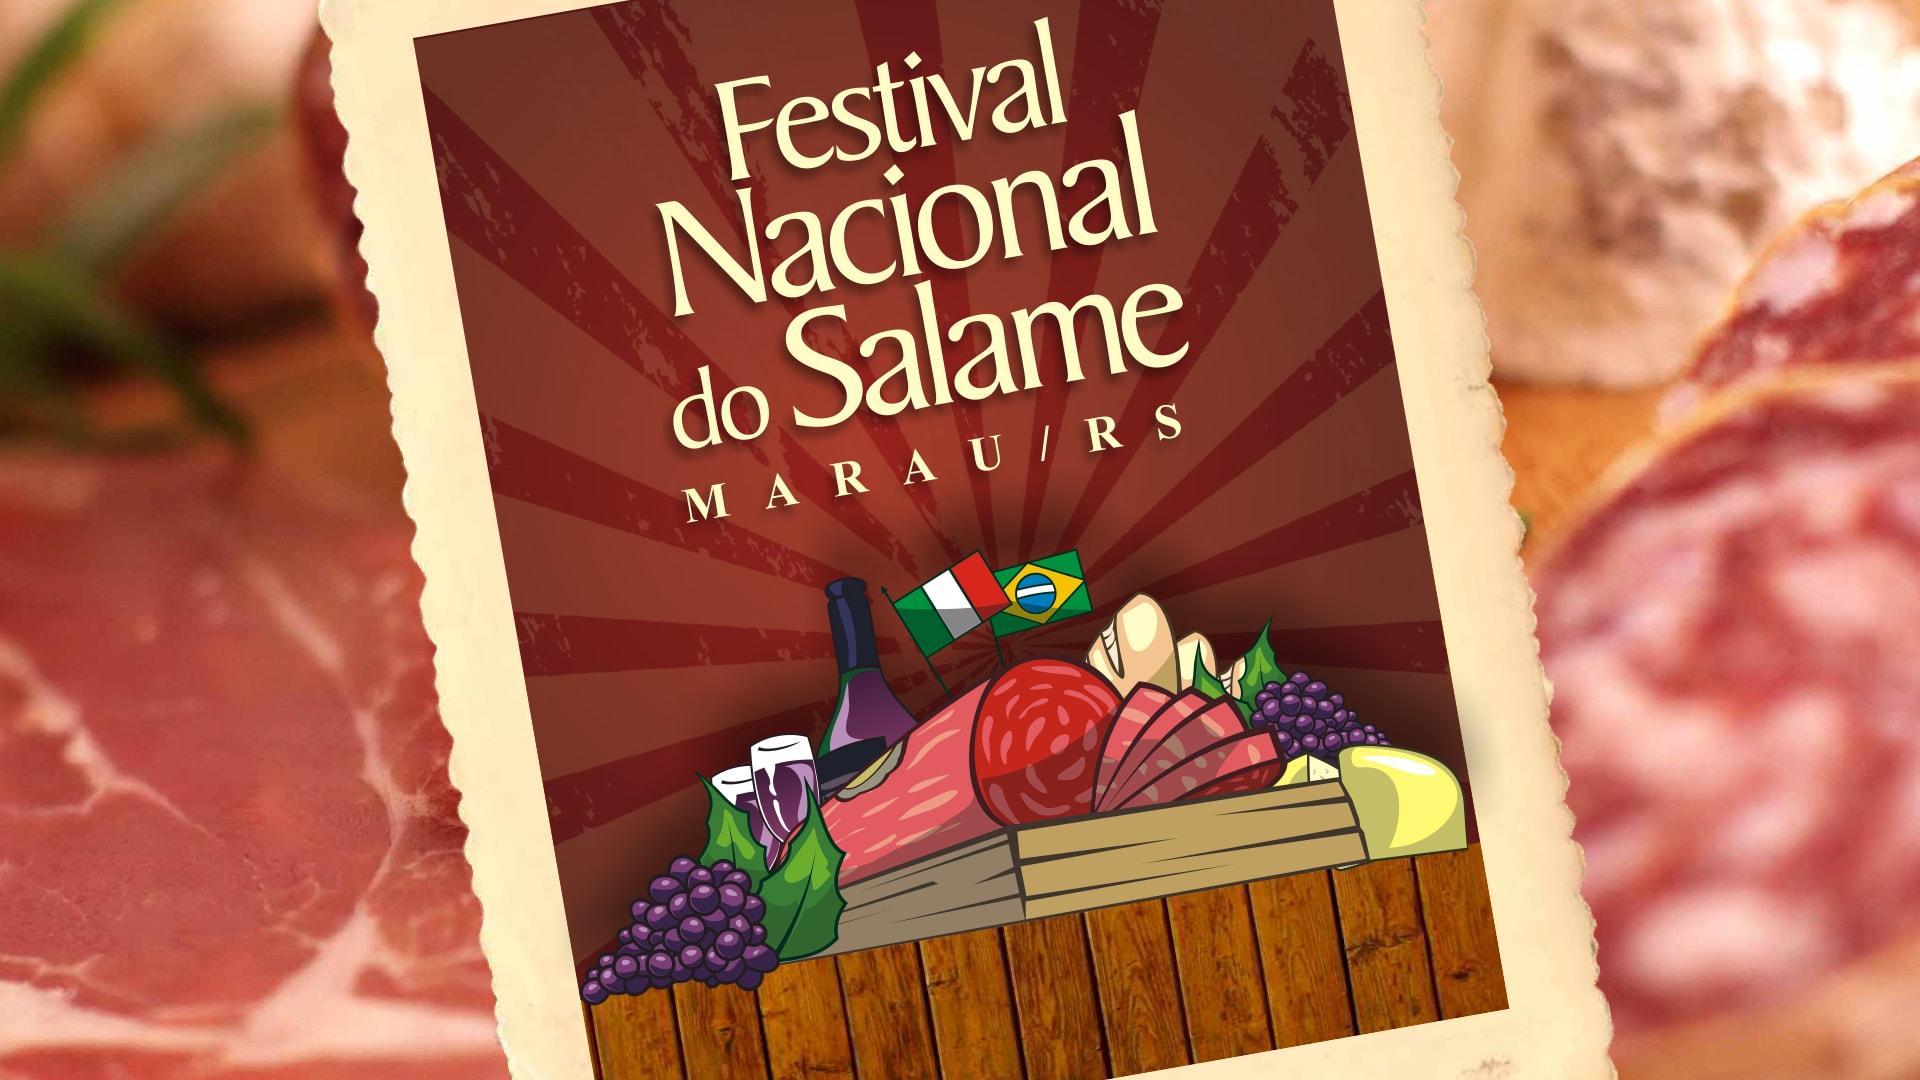 Festival Nacional do Salame